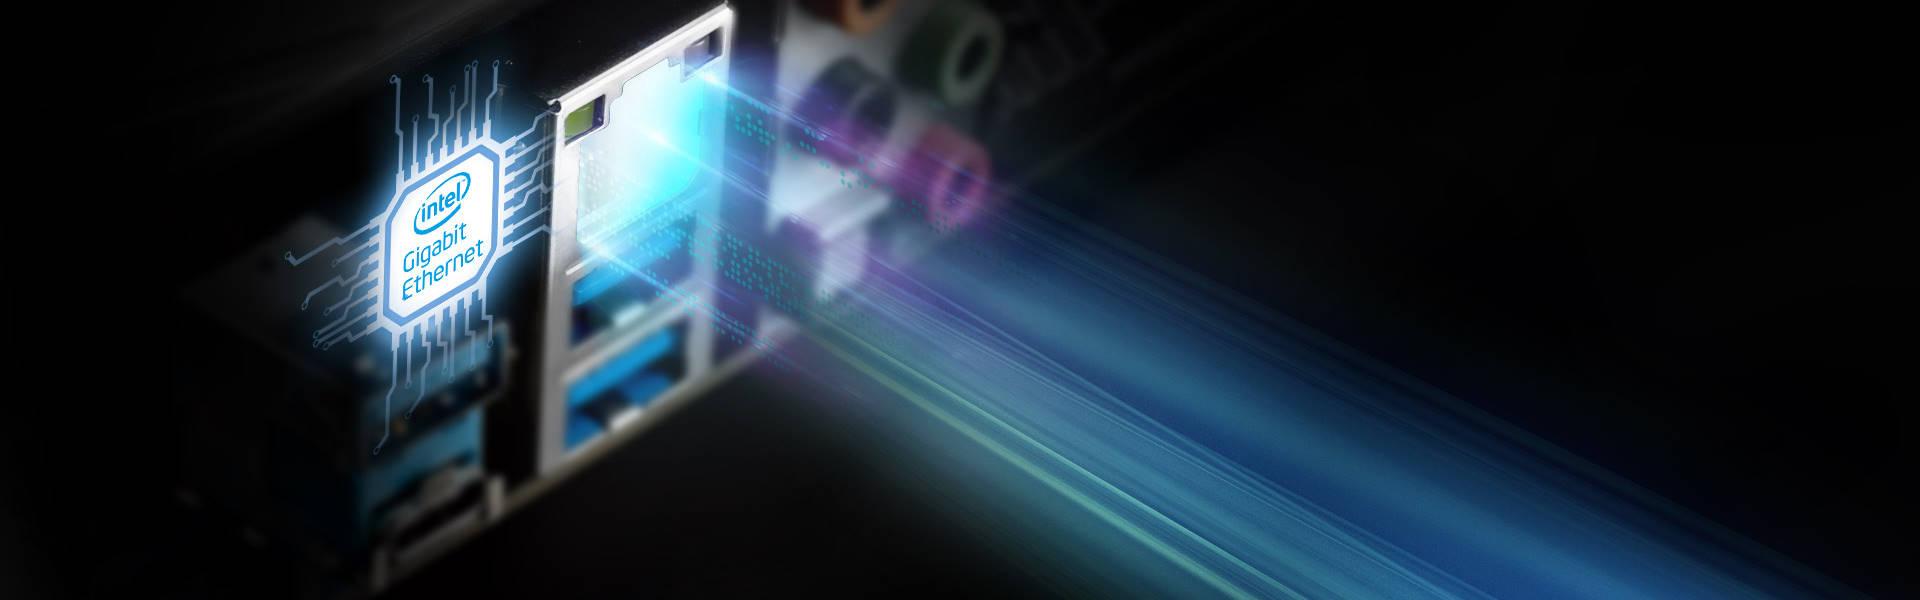 Intel Gigabit Ethernet port on the ASRock Z390 motherboard's ports